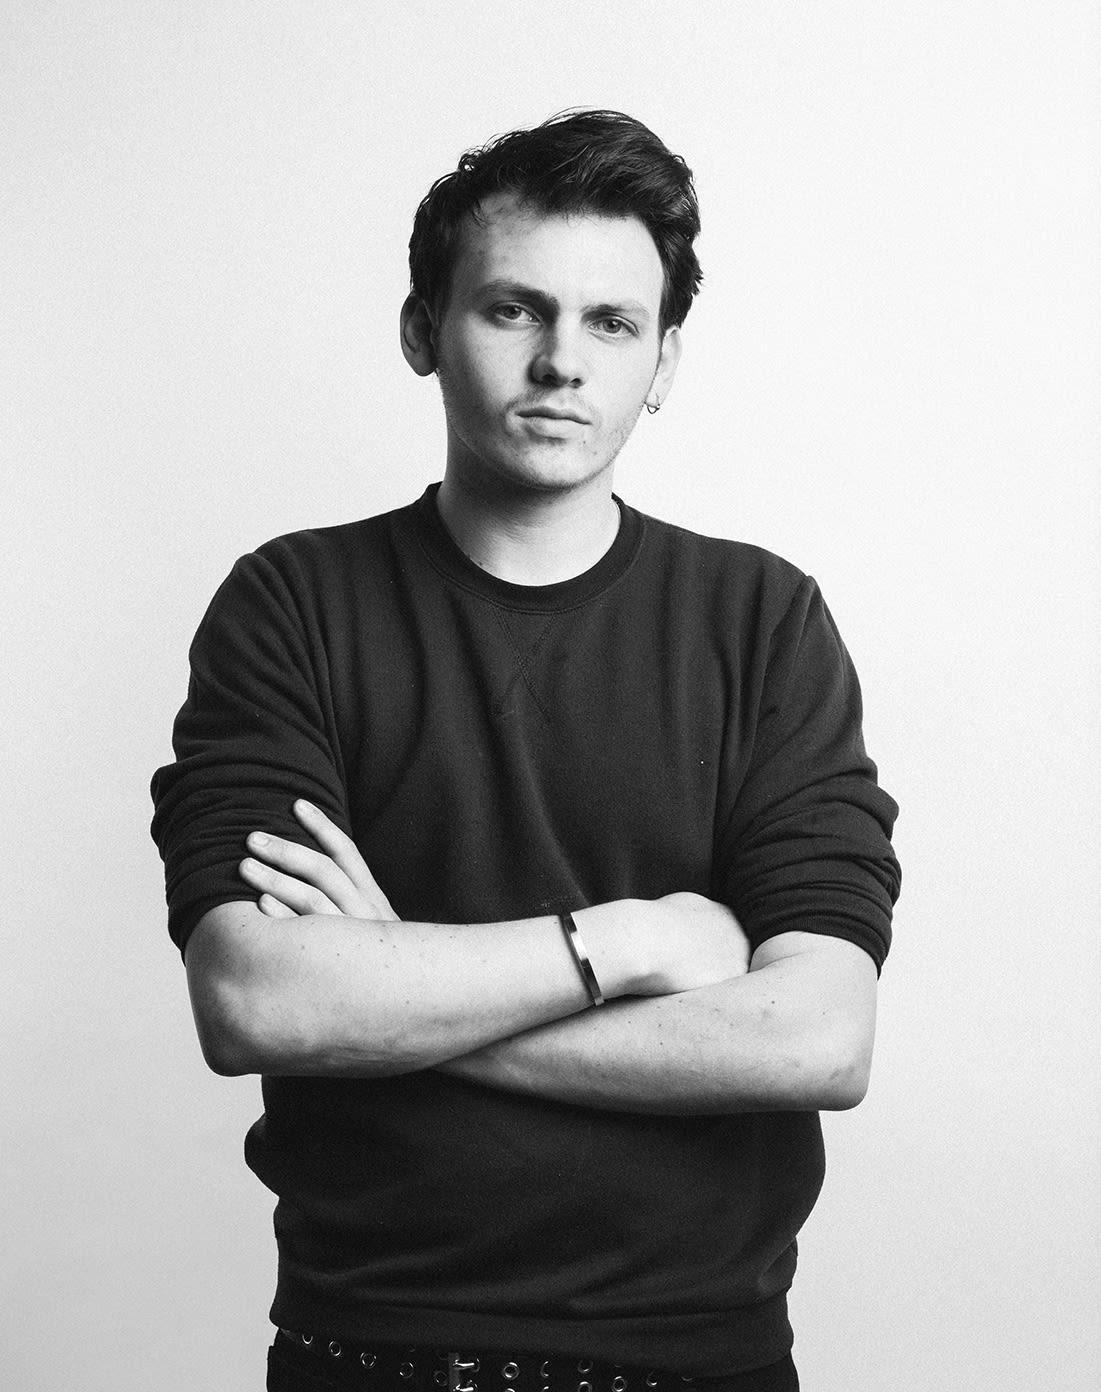 Daniel Poplawsky